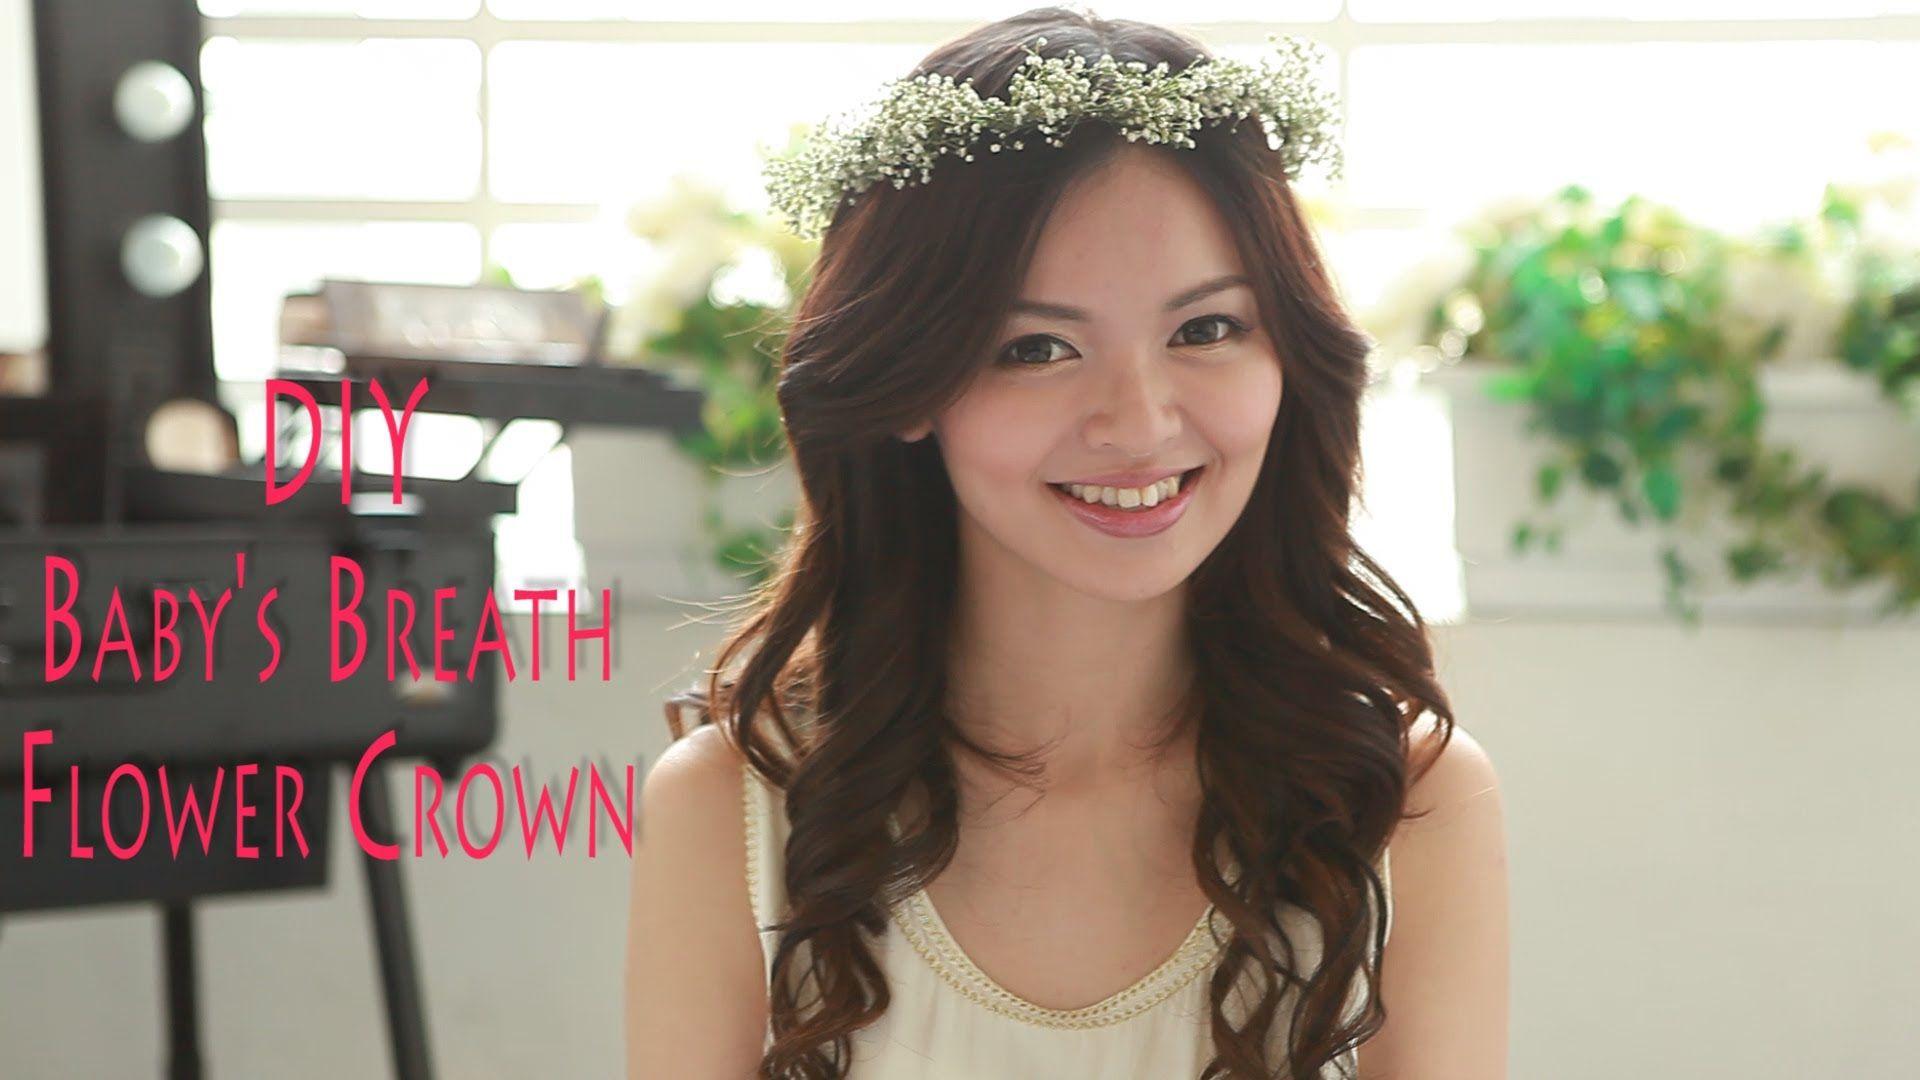 Wedding Flowers Bouquets Diy Flower Crown Diy Flowers Diy Crown